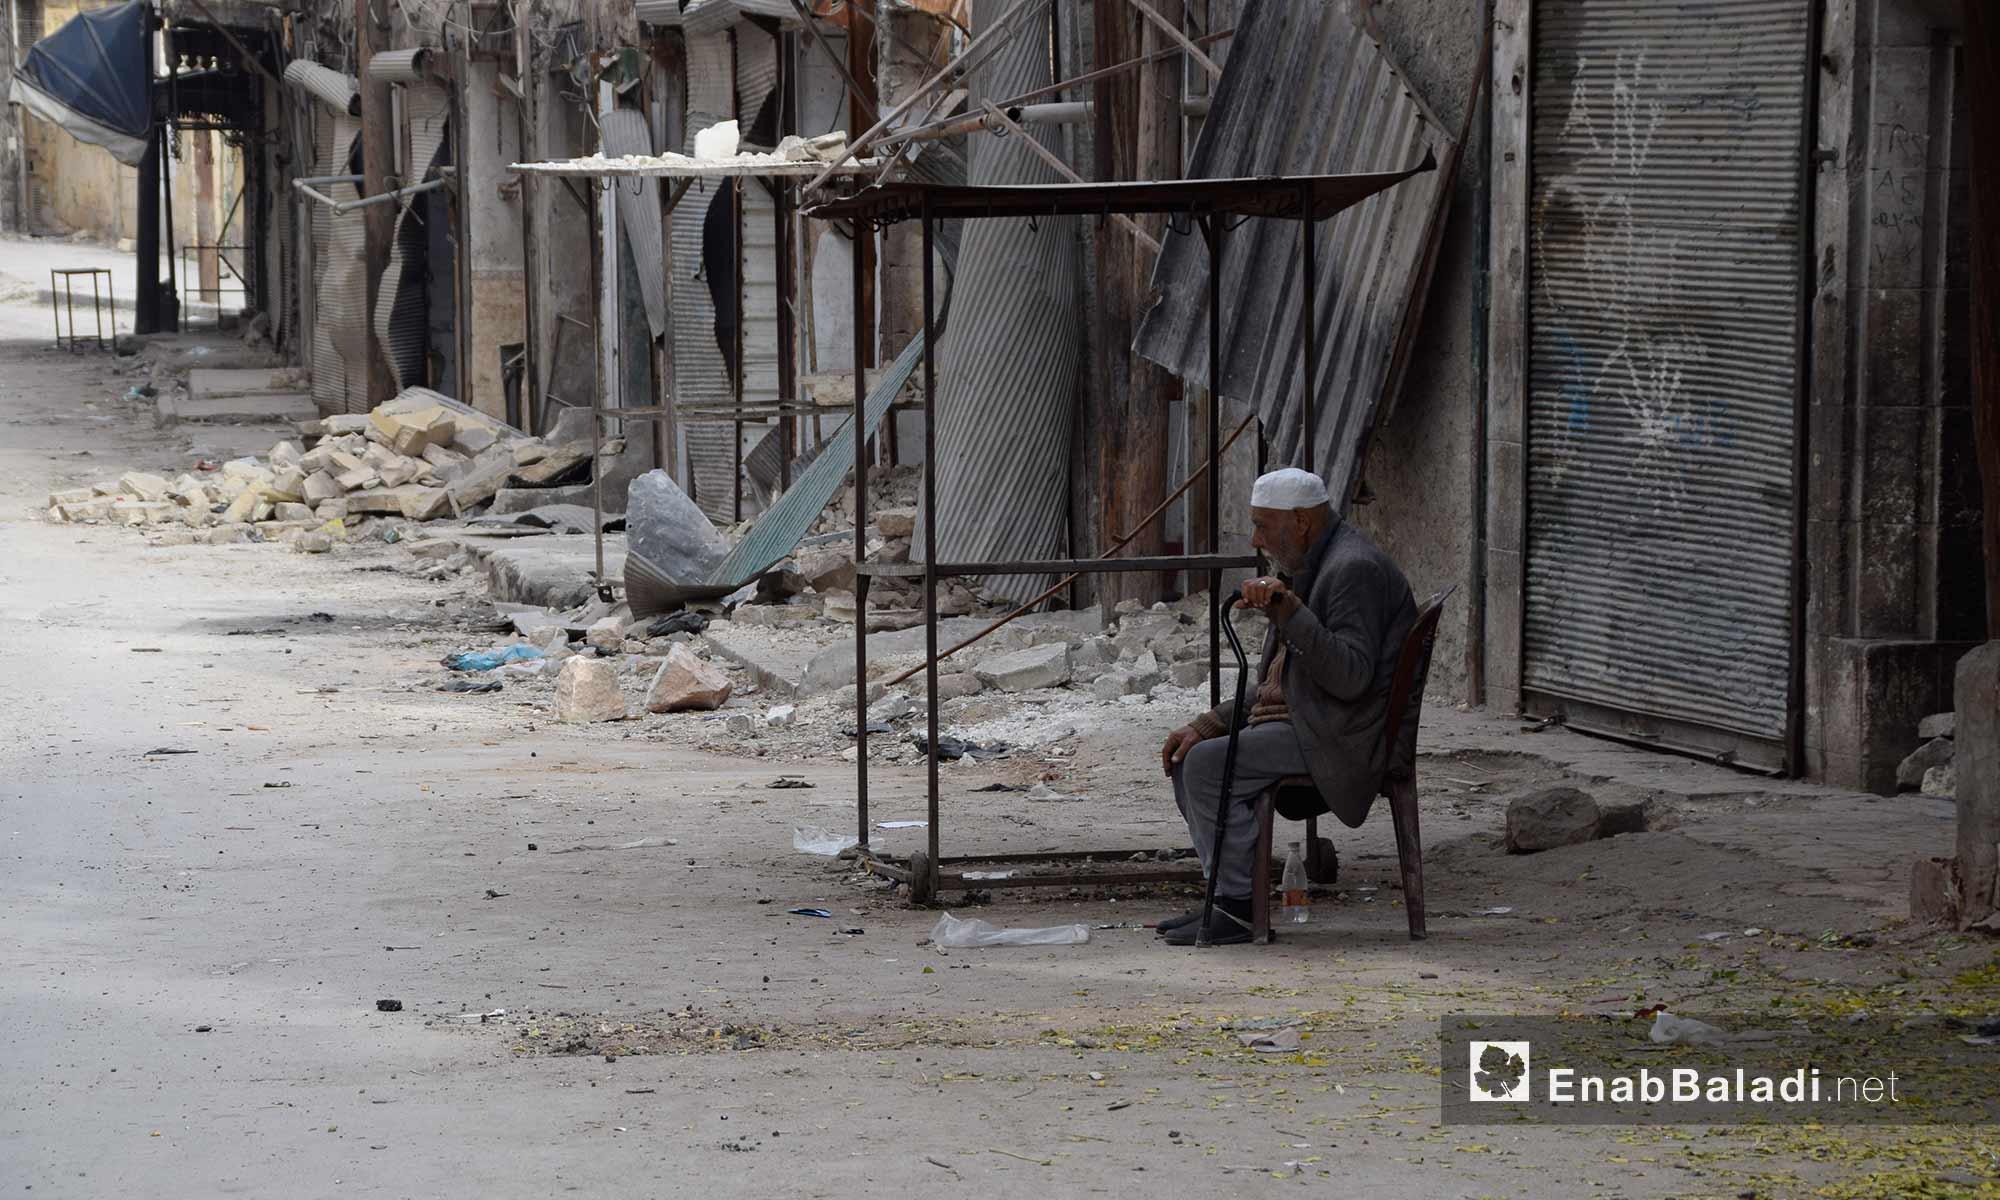 رجل يجلس وسط الدمار داخل حي قرلق في  حلب القديمة التي تسيطر عليها المعارضة، بعد أن هجره أهله وأغلقت محاله التجارية بسبب القصف والحصار - 15 تشرين الثاني 2016 (عنب بلدي)